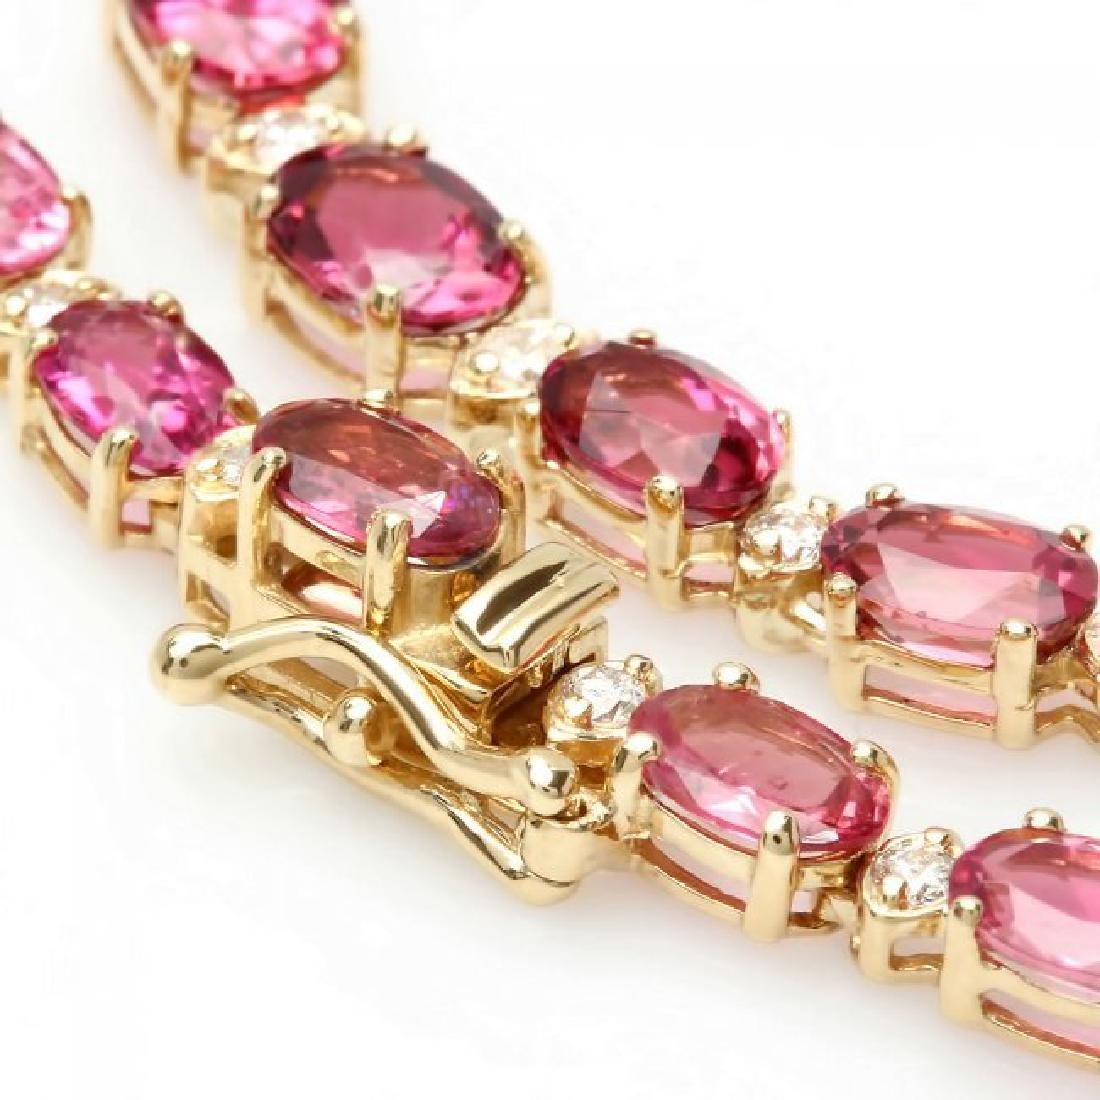 14k 26.10ct Tourmaline 1.60ct Diamond Necklace - 2